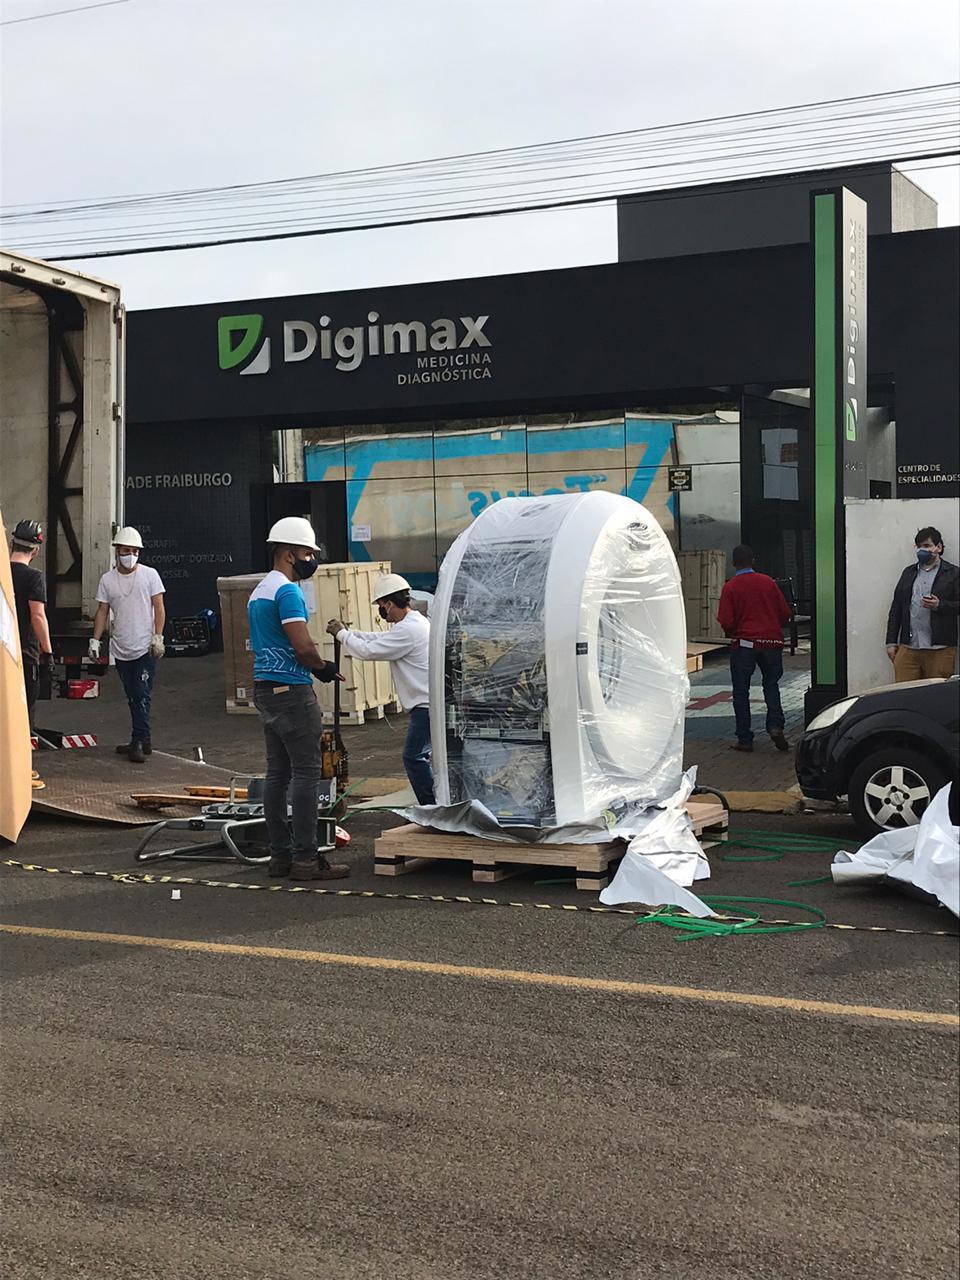 Digimax Fraiburgo investe em um novo aparelho para realizar o exame de tomografia computadorizada